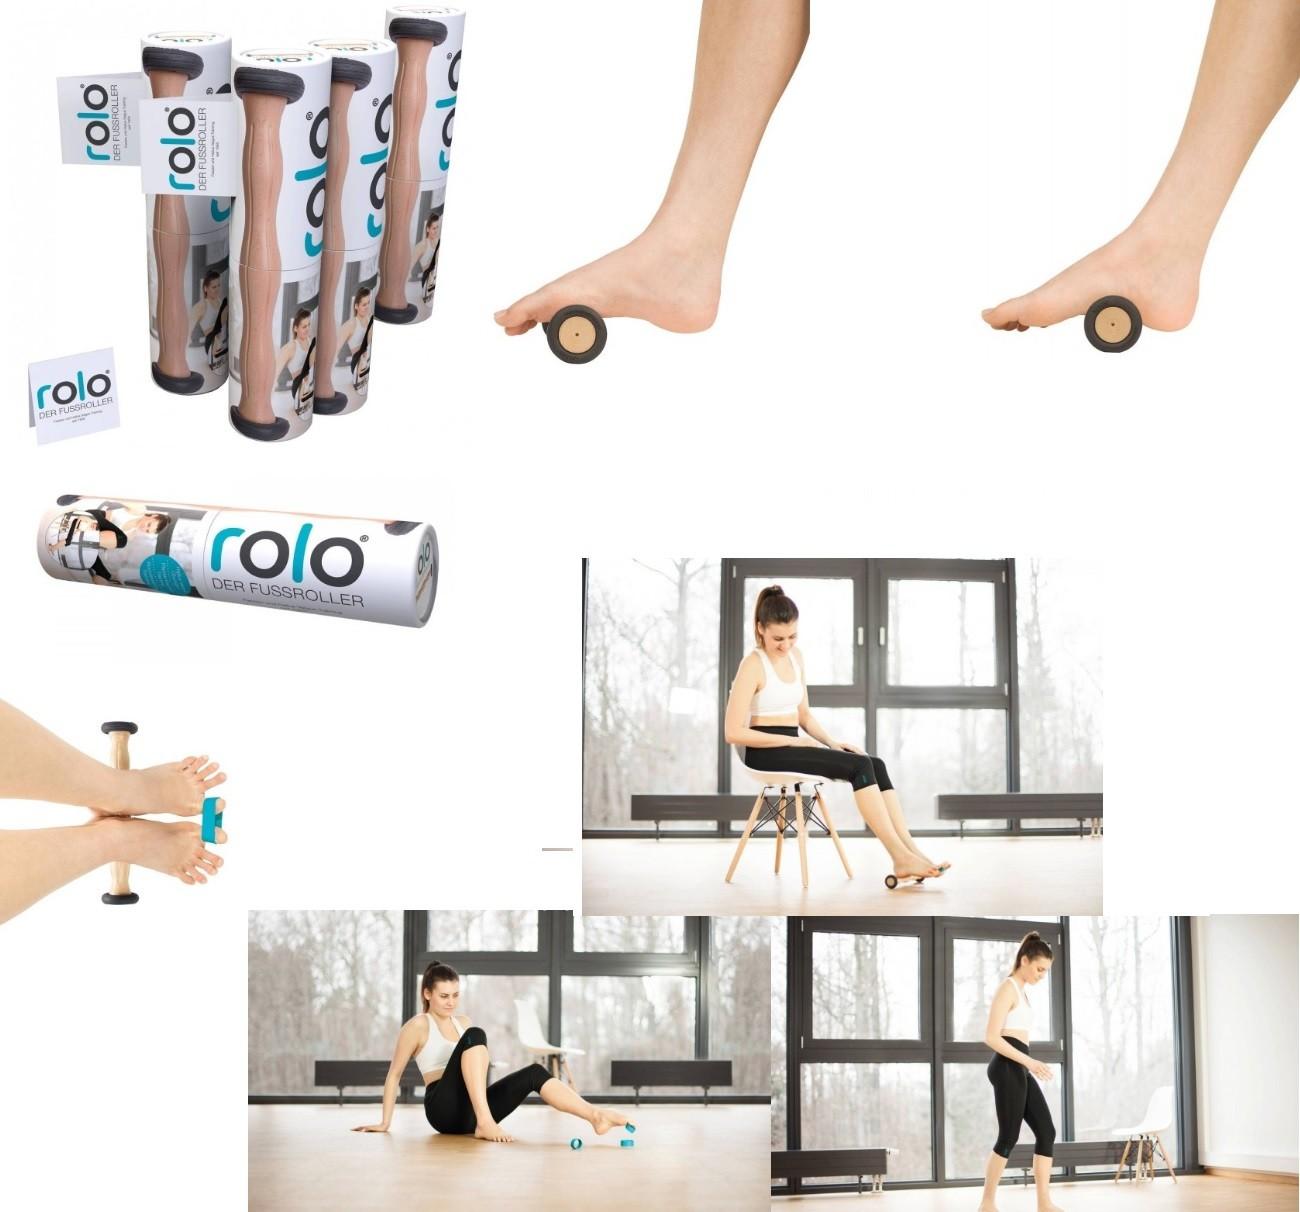 RUCK® rolo rouleau pour masser les pieds